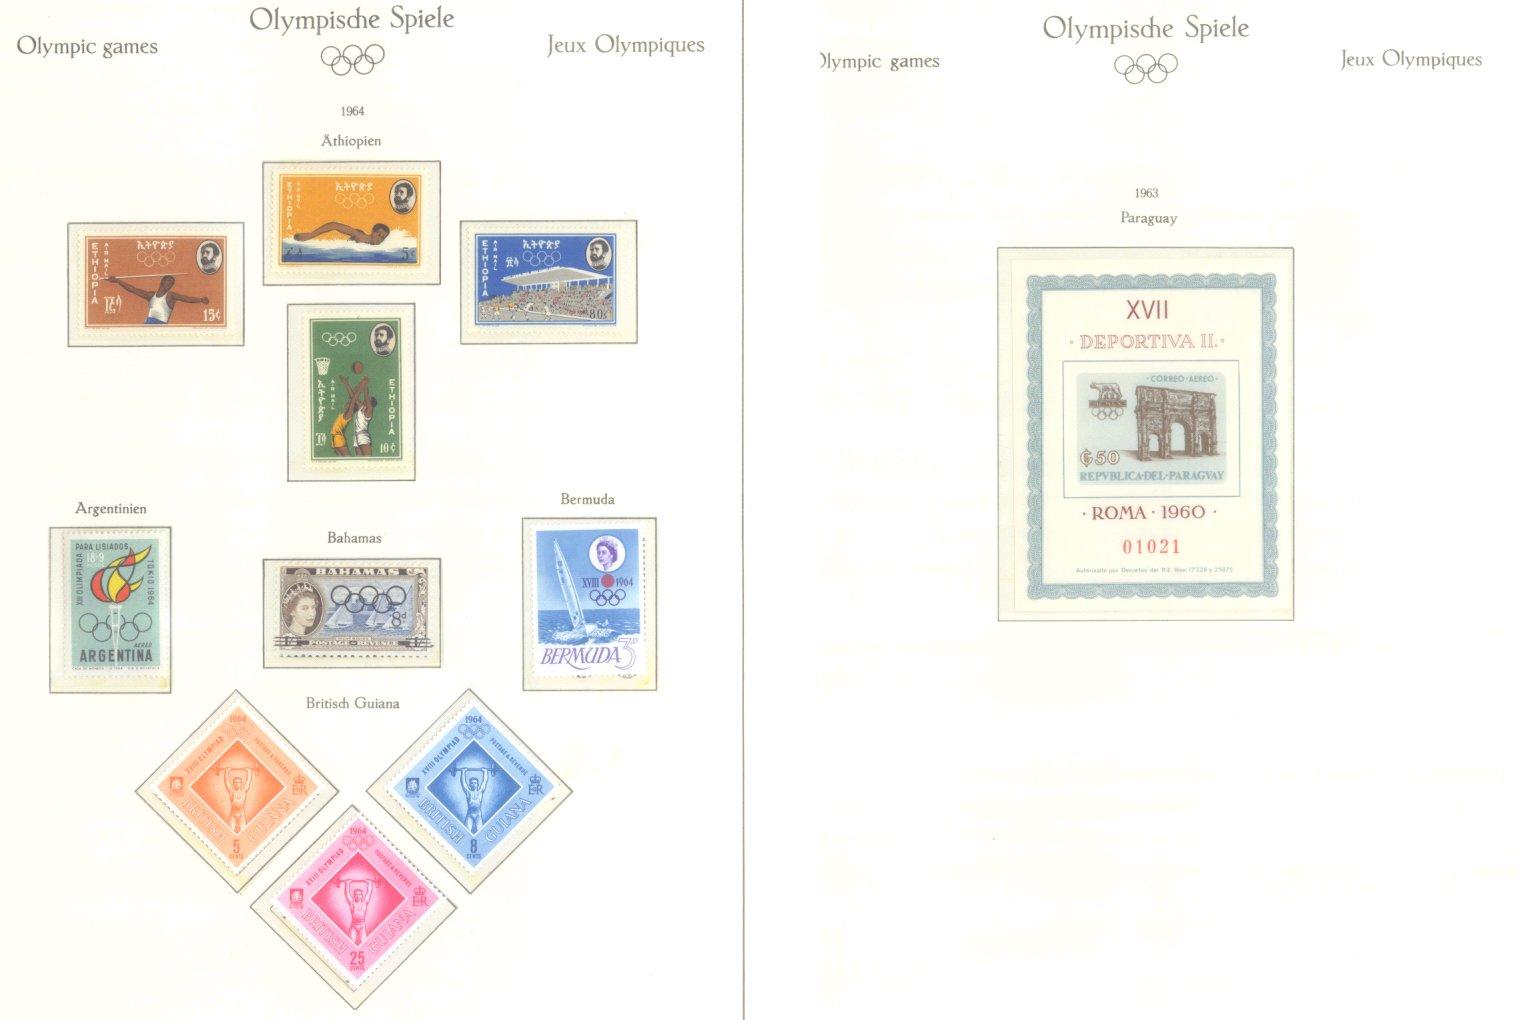 OLYMPISCHE SPIELE 1964 TOKIO, postfrische Sammlung Teil 1-60